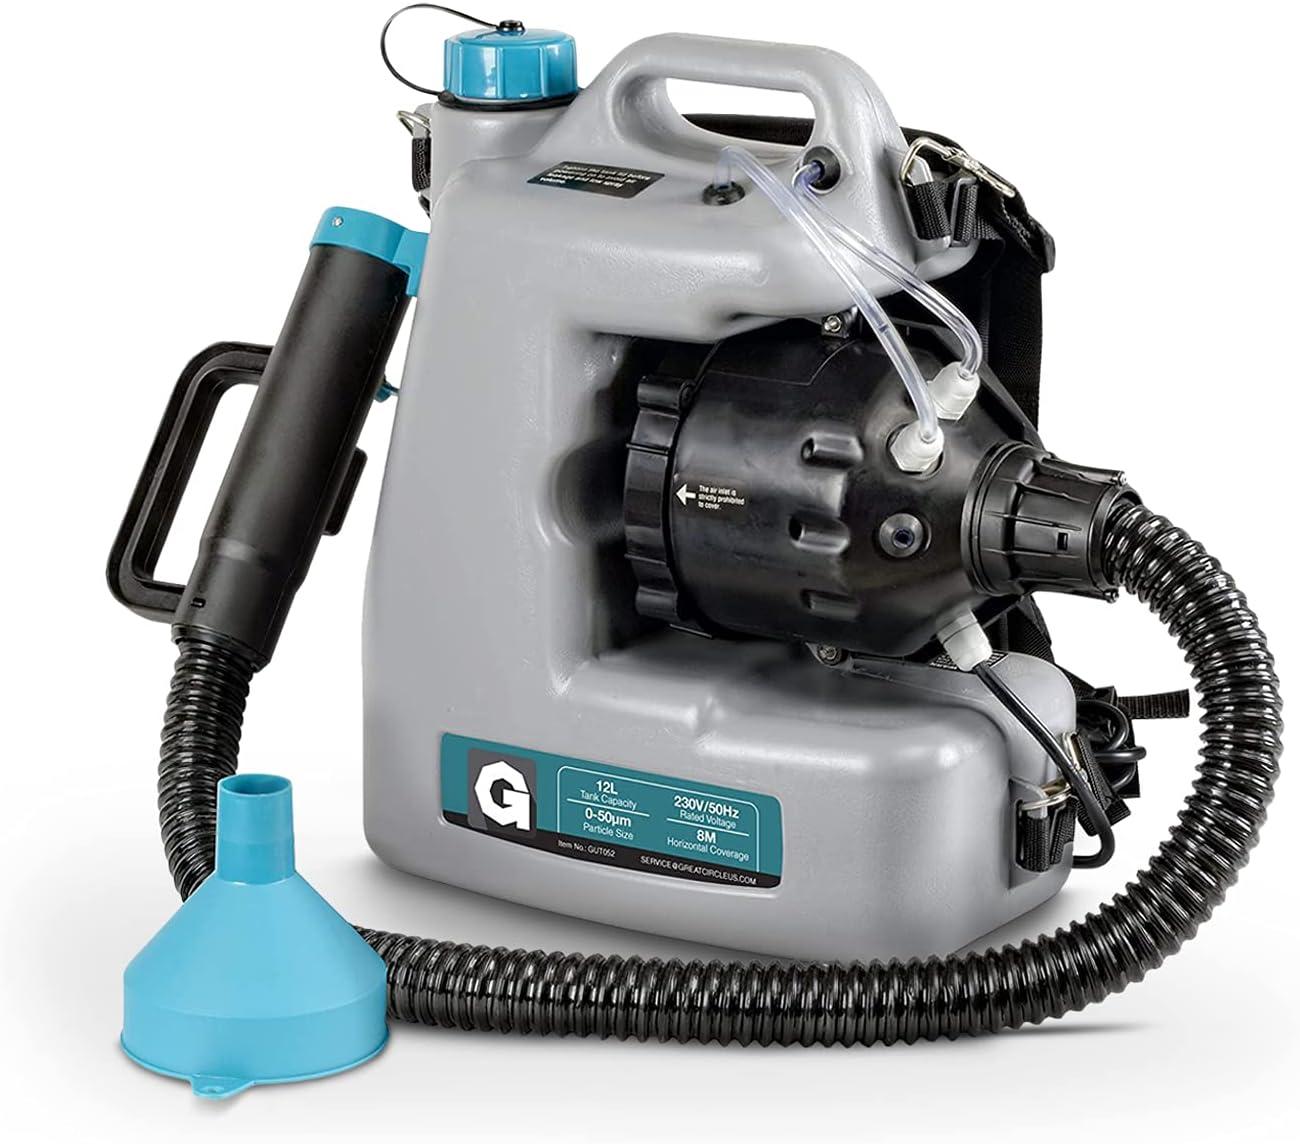 G Máquina nebulizadora Desinfectante Mochila con cable Mist Duster 12L 1-15GPH Pulverizador de nebulización Tamaño de partícula ajustable 0-50um / Mm con manguera extendida y boquilla de pulverización